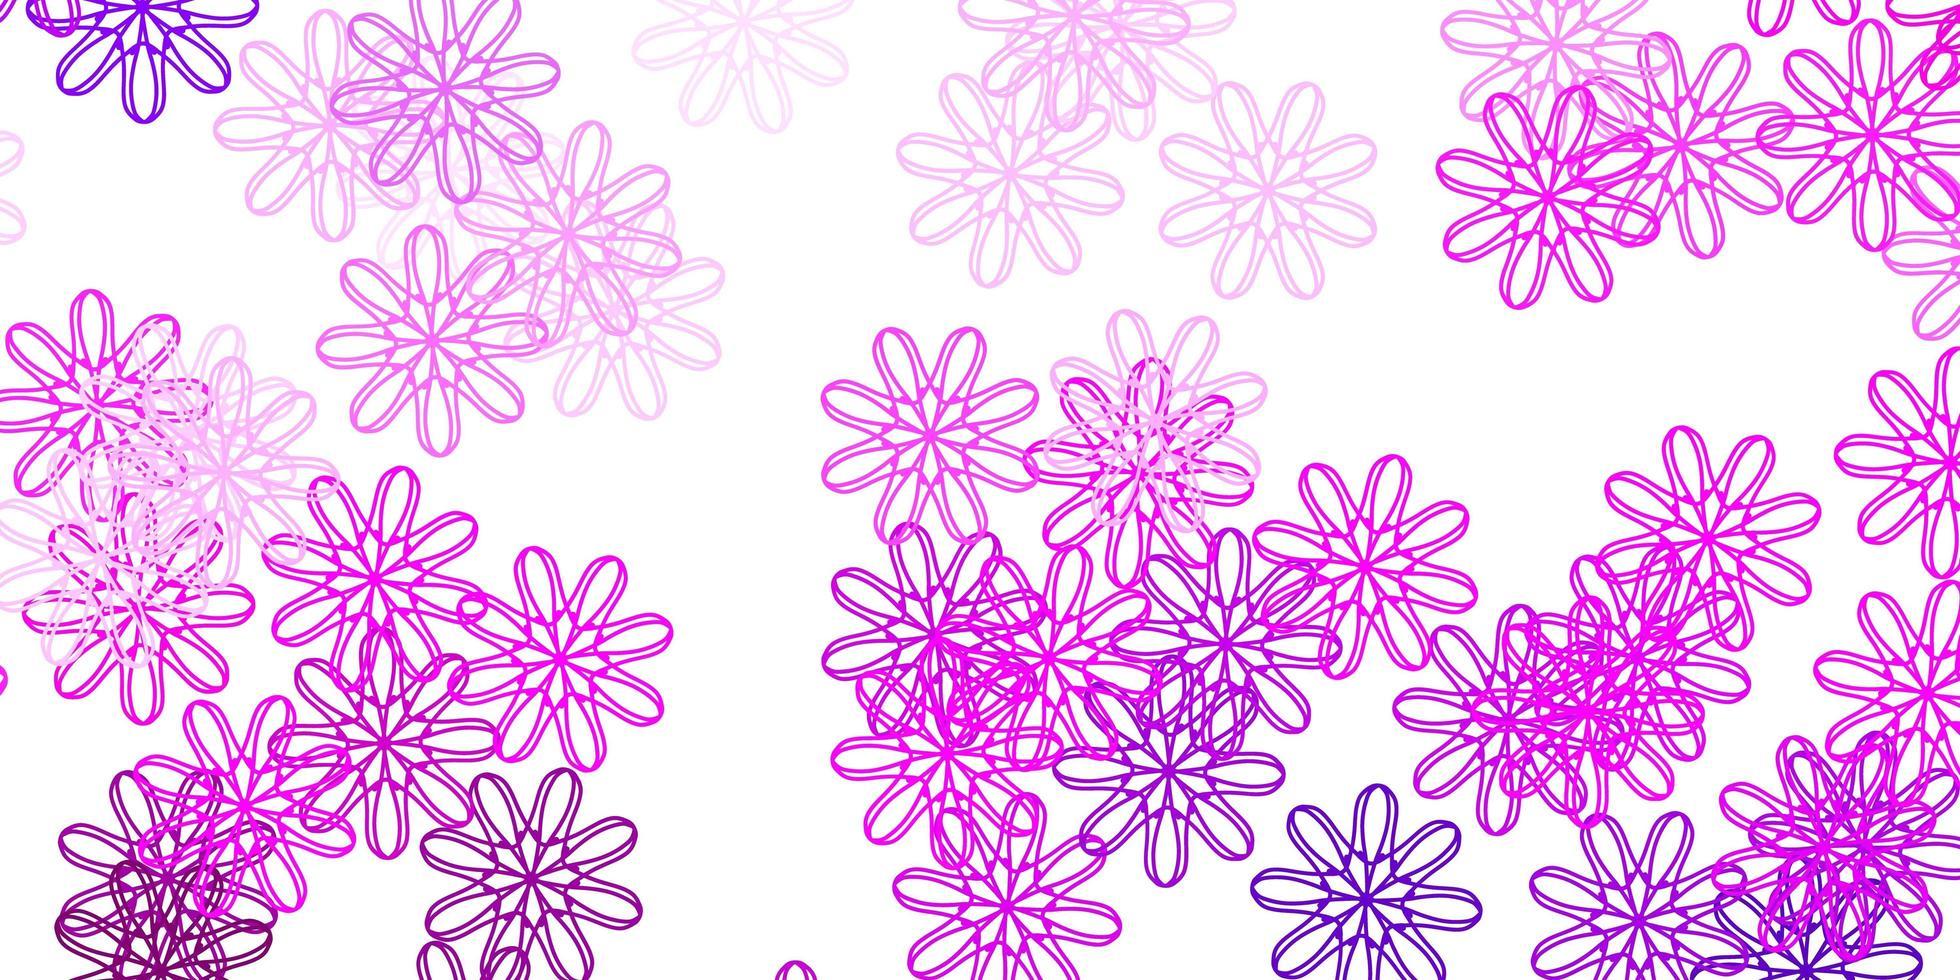 ljus lila, rosa vektor doodle mönster med blommor.